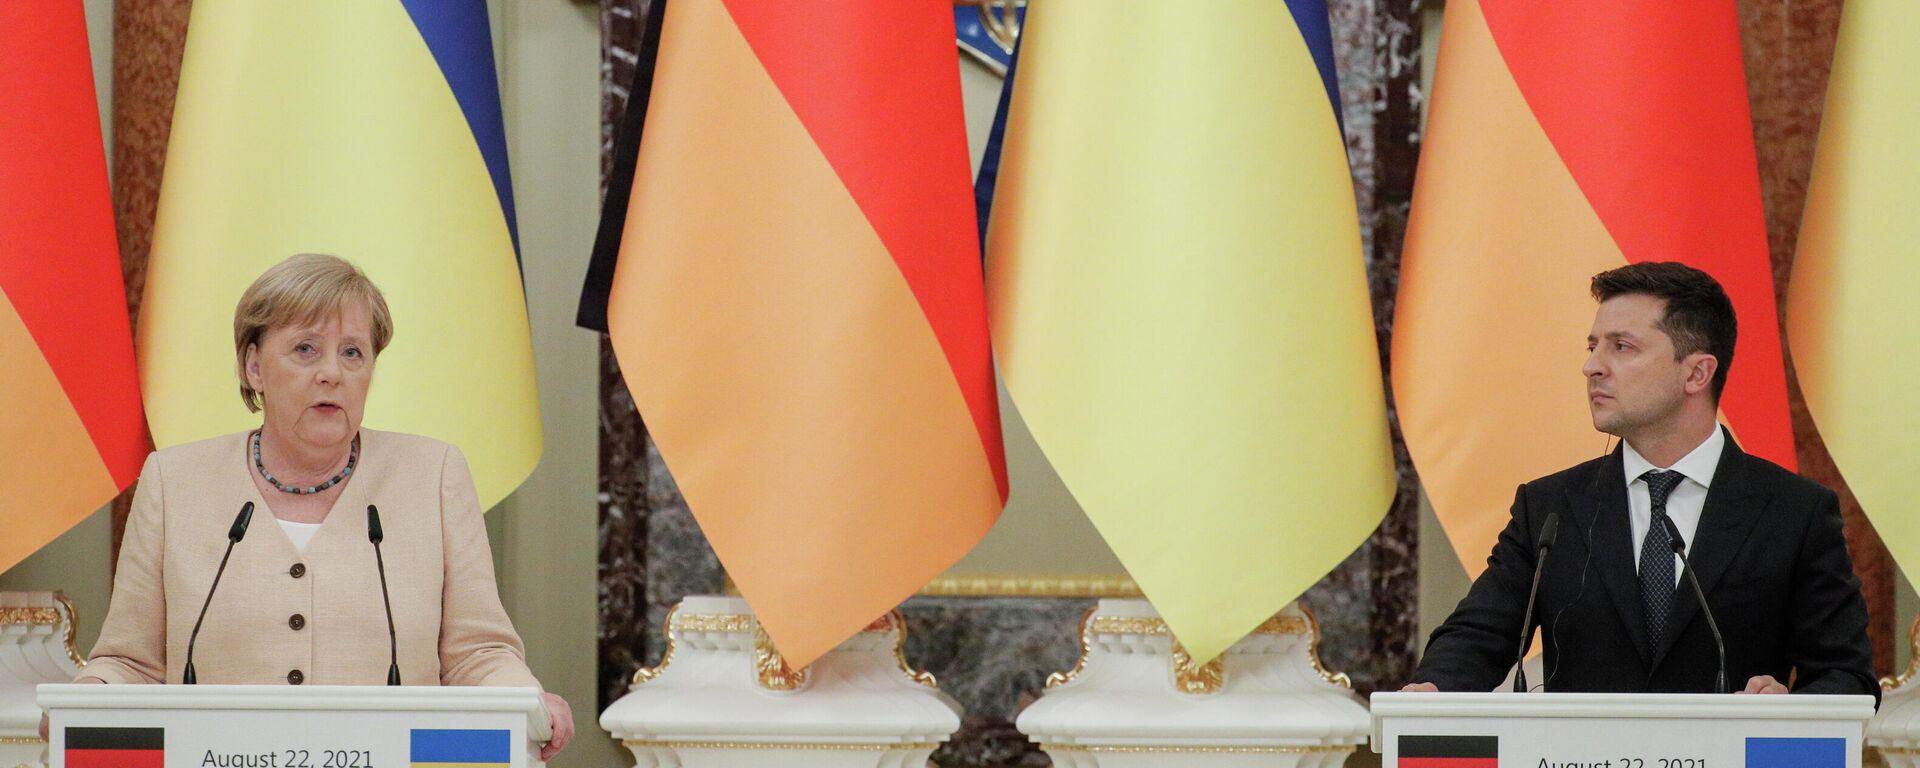 Angela Merkel i Wołodymyr Zełenski - Sputnik Polska, 1920, 22.08.2021